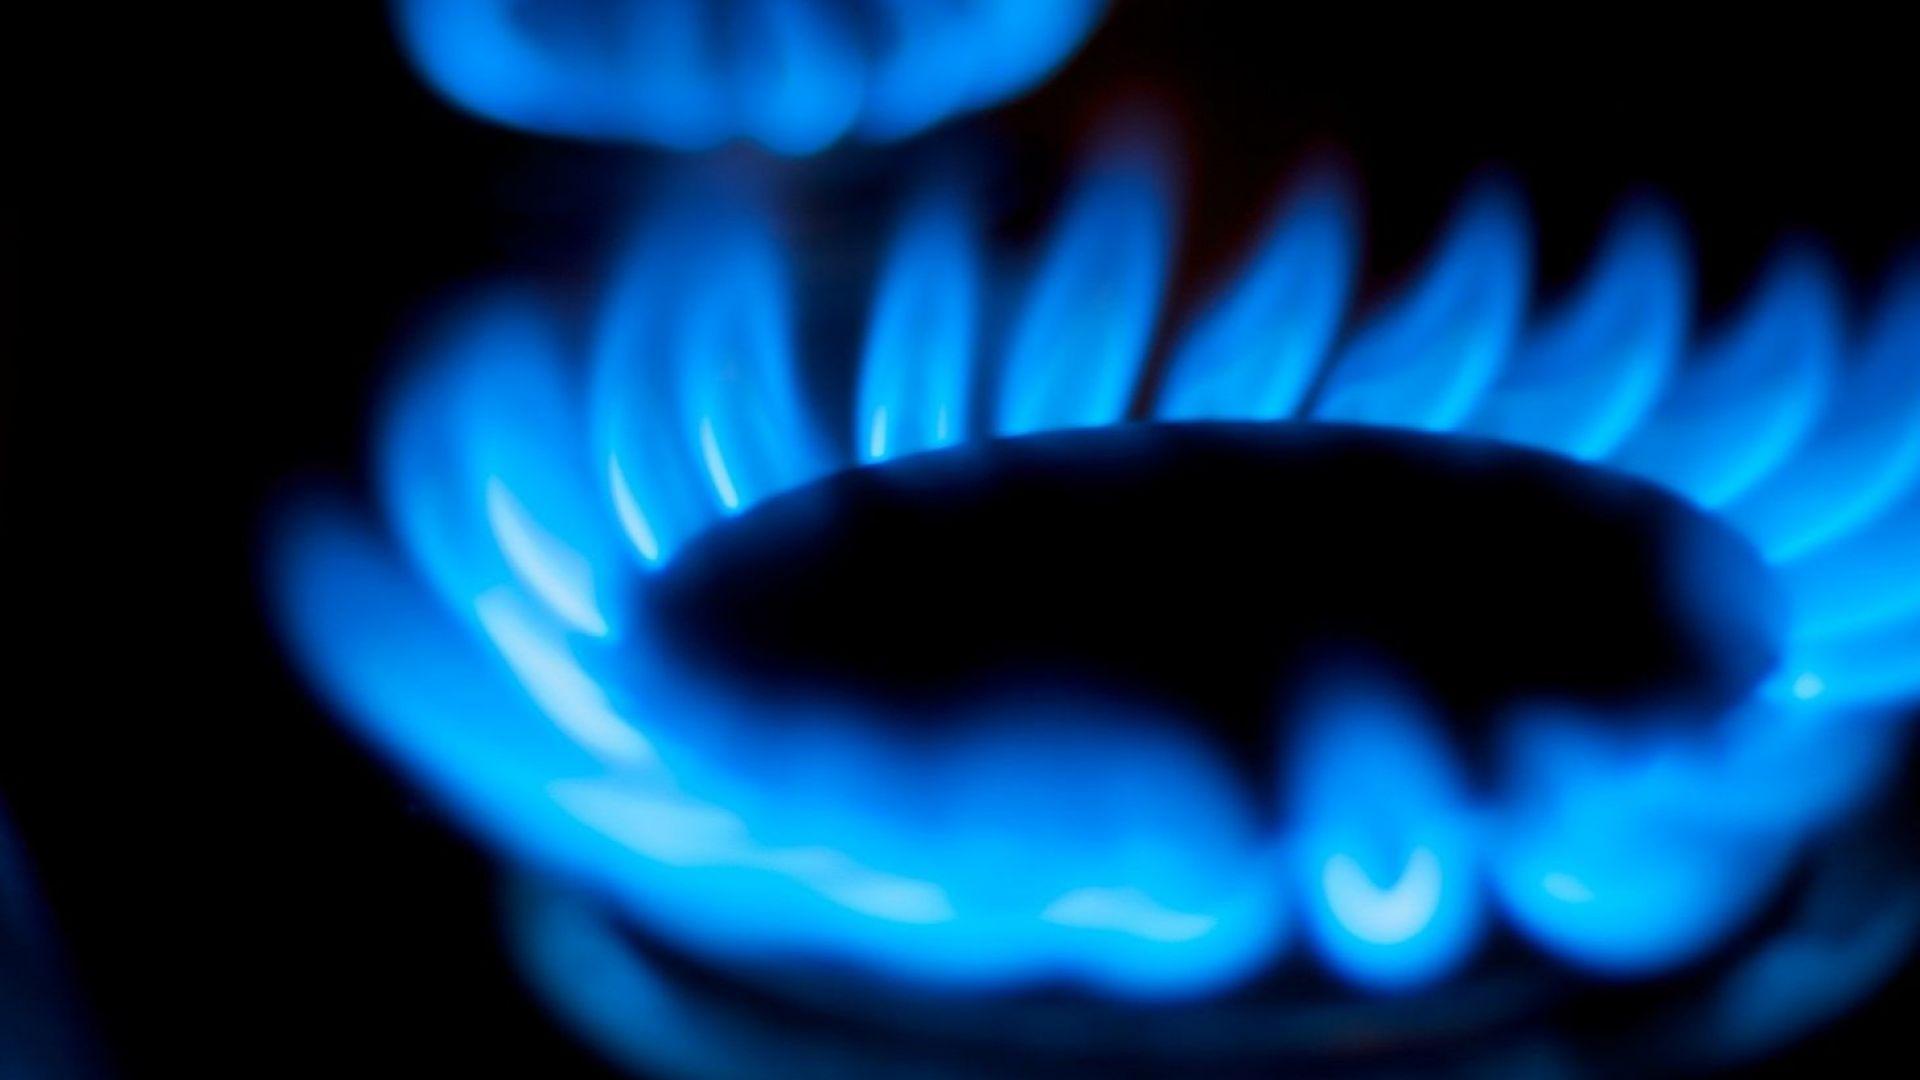 ЕК към Румъния: Таван на цената на газа може да застраши инвестициите